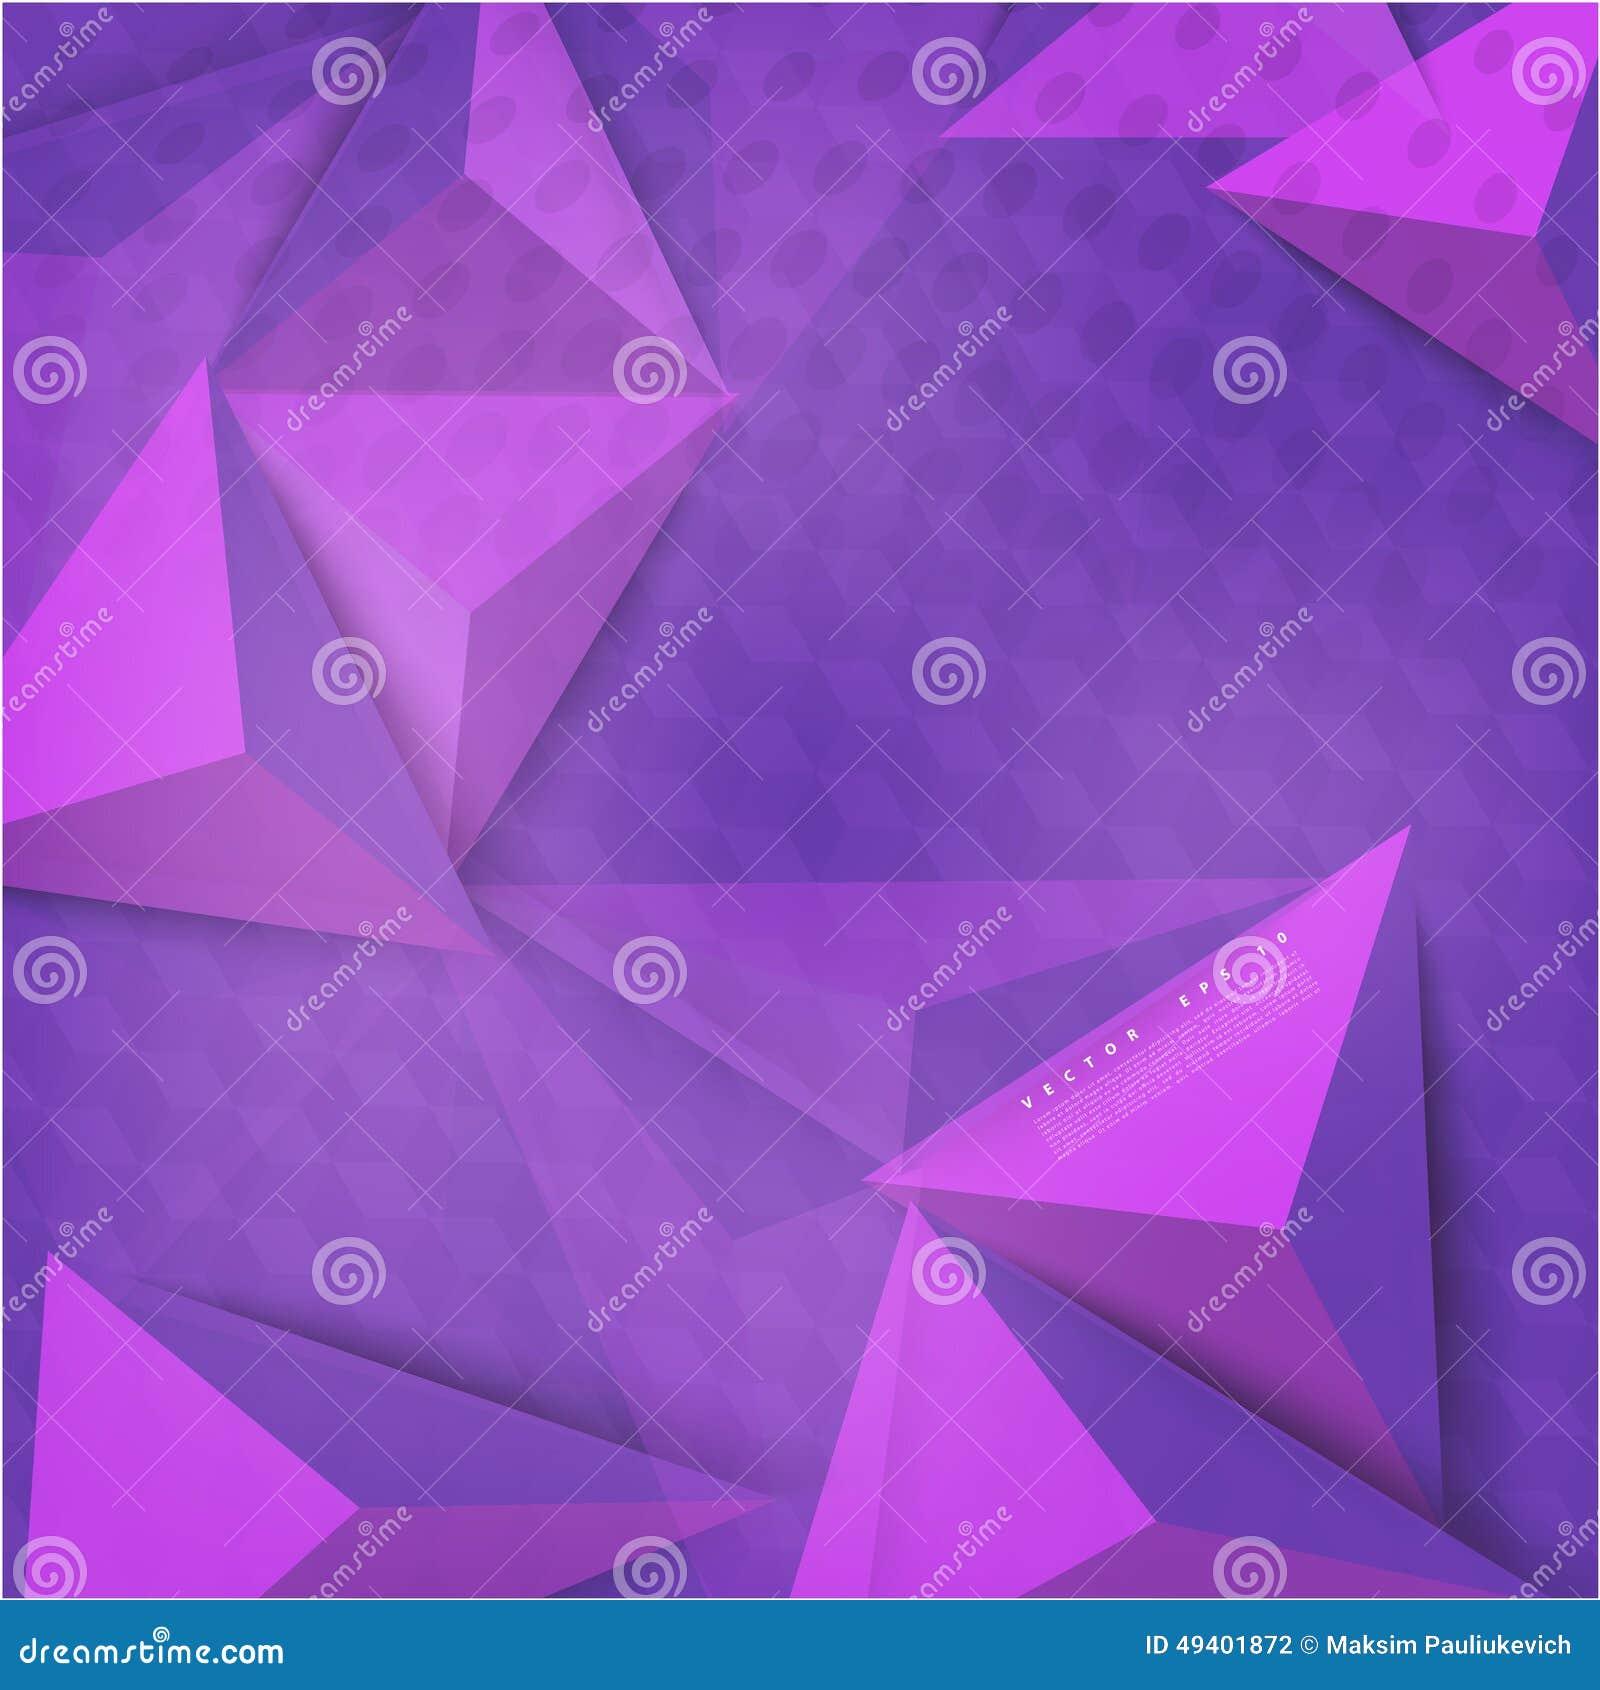 Download Vektorhintergrundzusammenfassungs-Polygondreieck Stock Abbildung - Illustration von kohle, element: 49401872